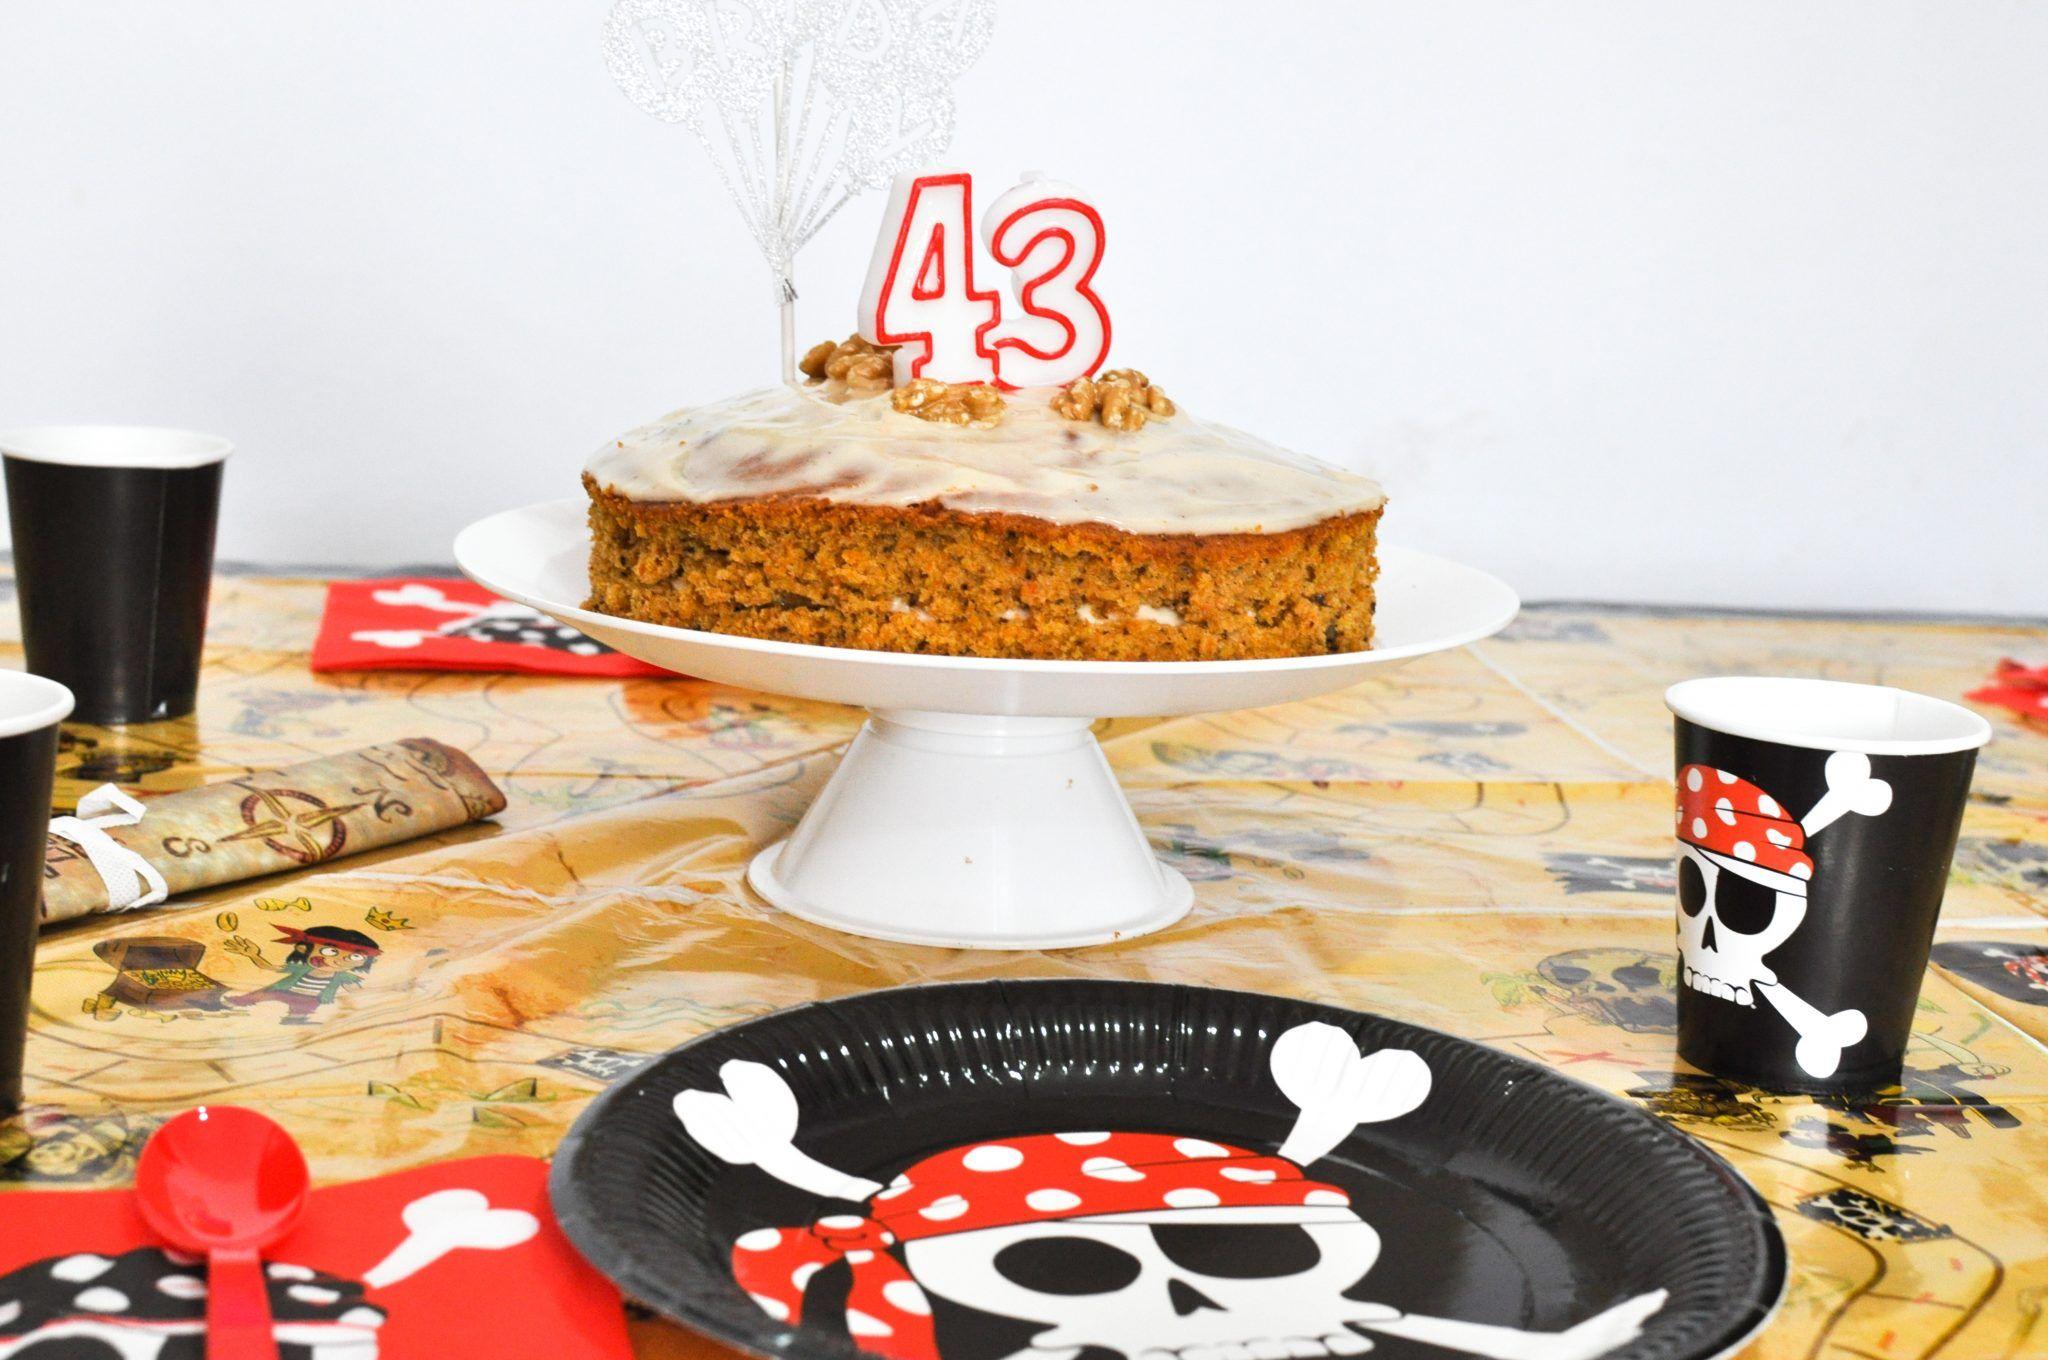 Celebrar un cumpleaños en casa por el confinamiento